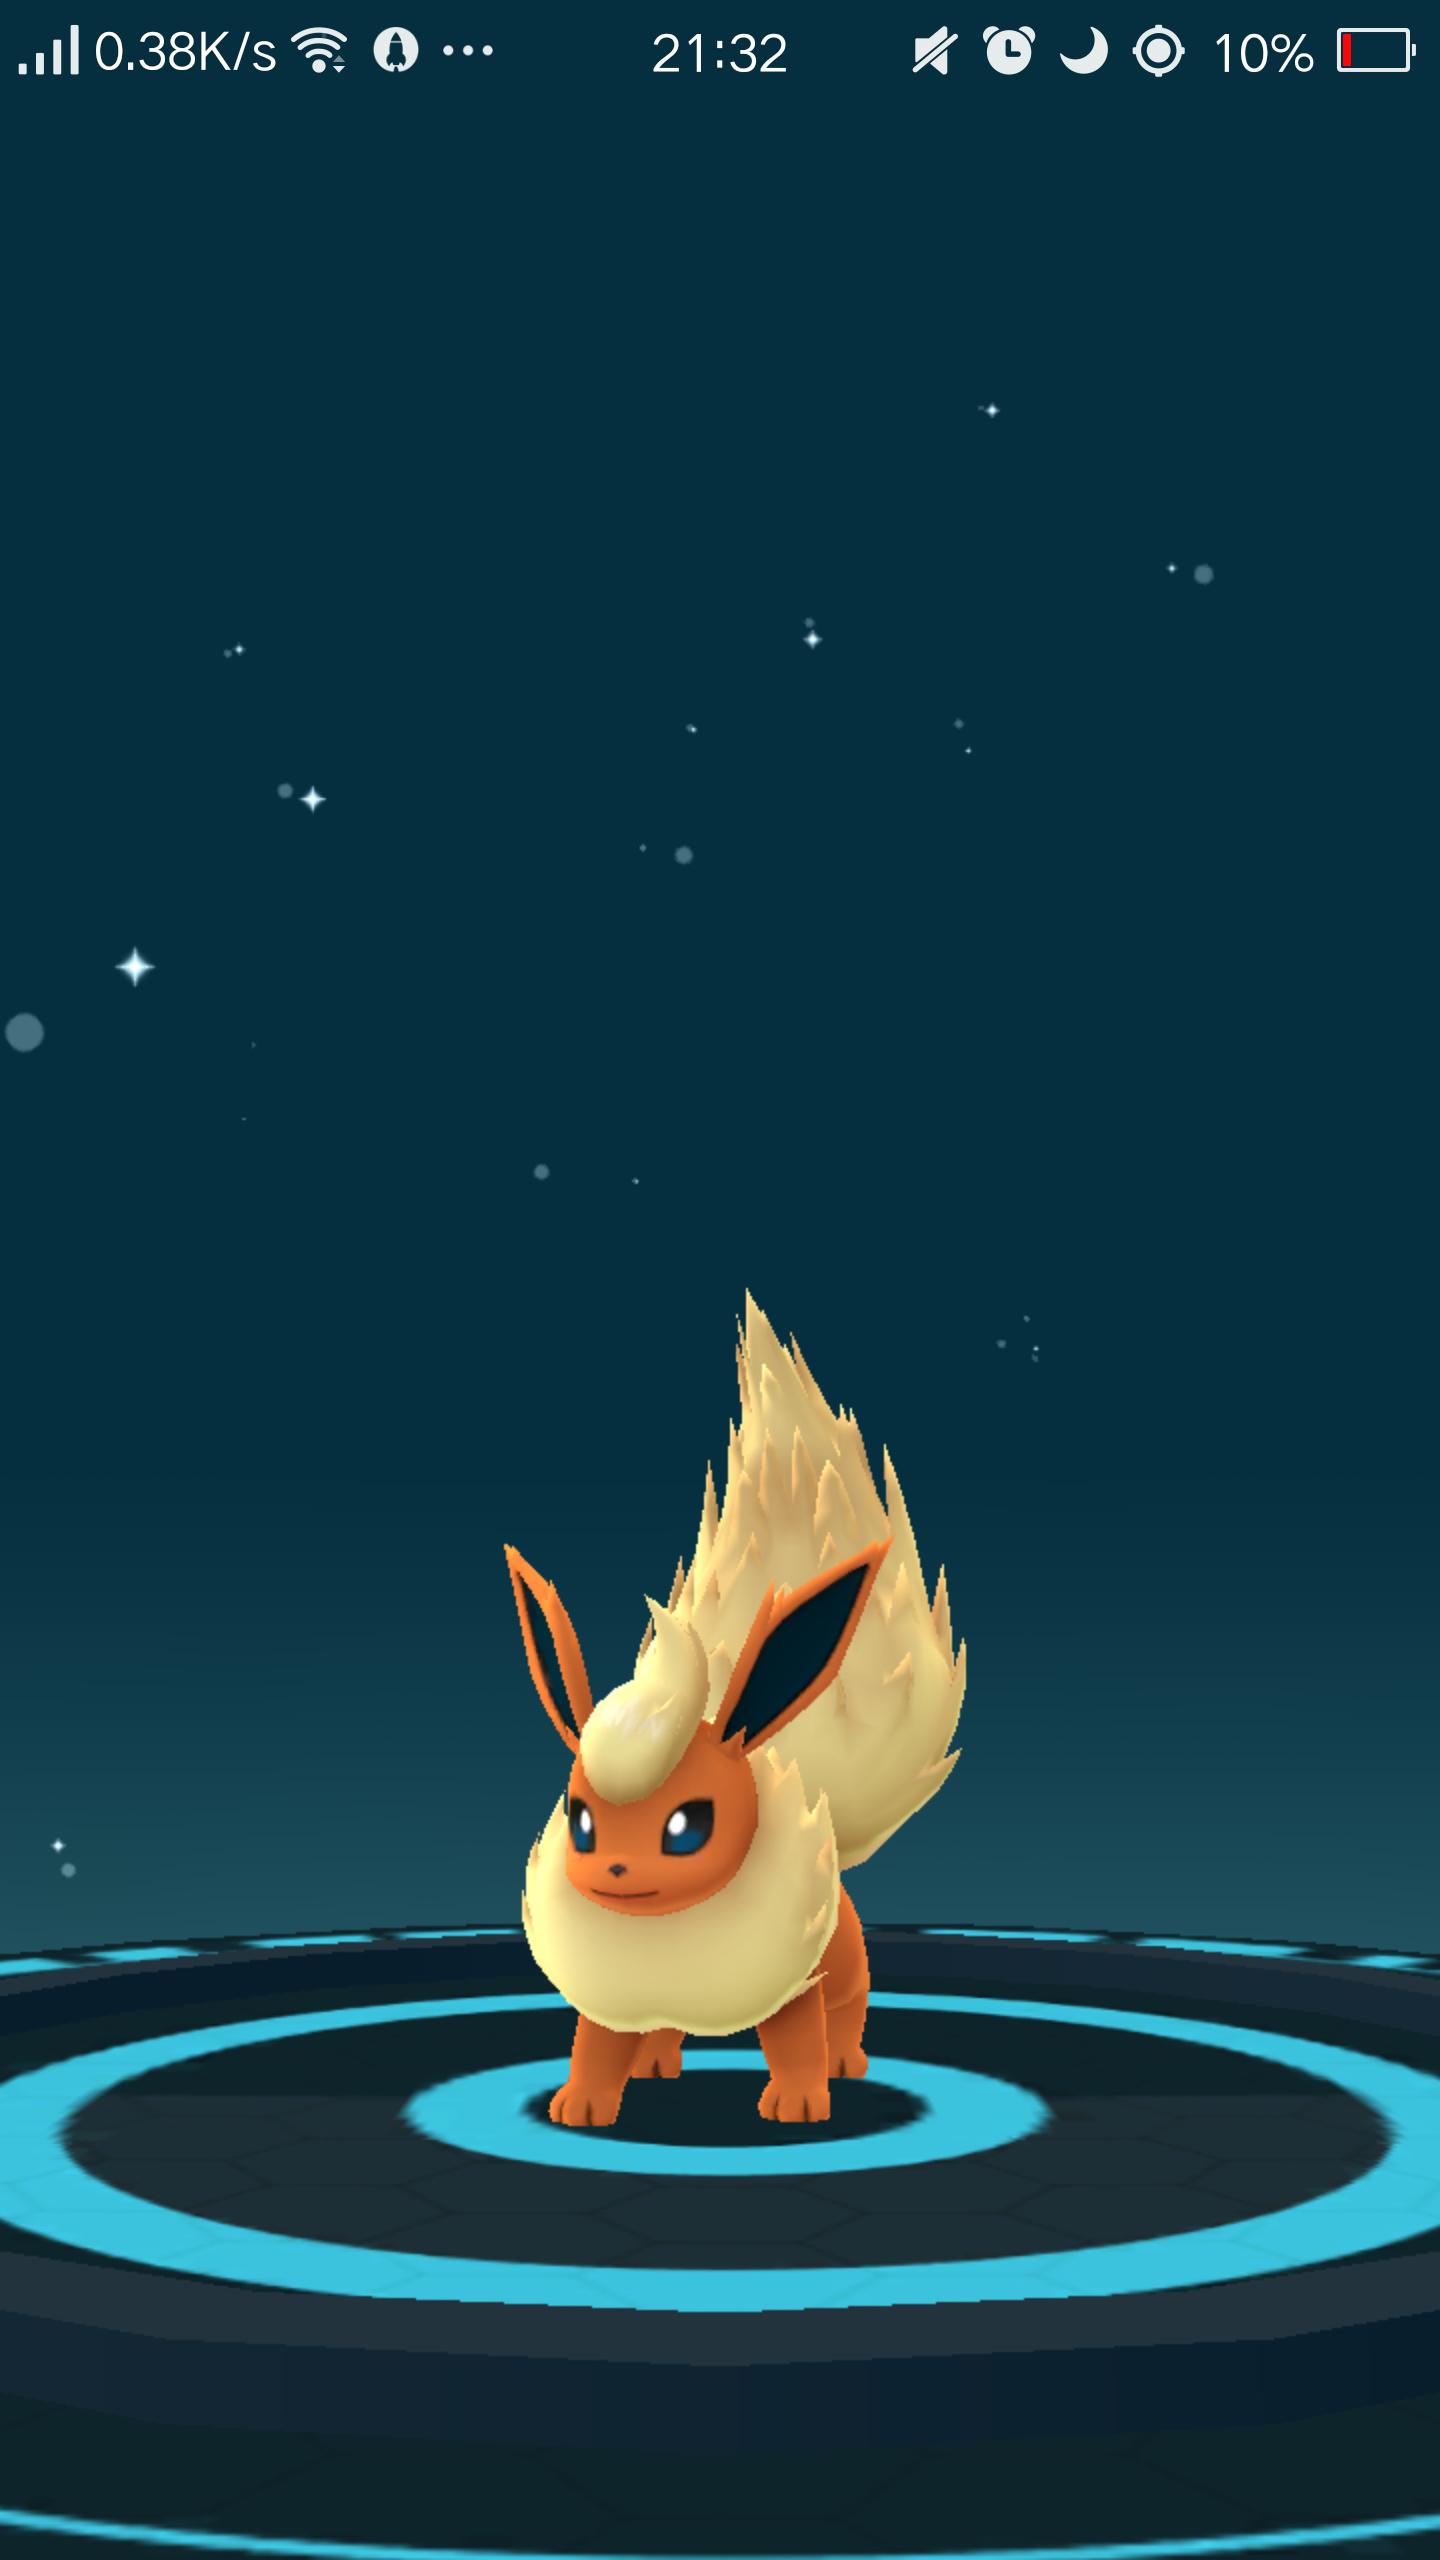 瀀漓♬哲天使⎝( ^q^ )⎠ - 我的伊布進化成火精靈了耶 好可愛喔 - Plurk